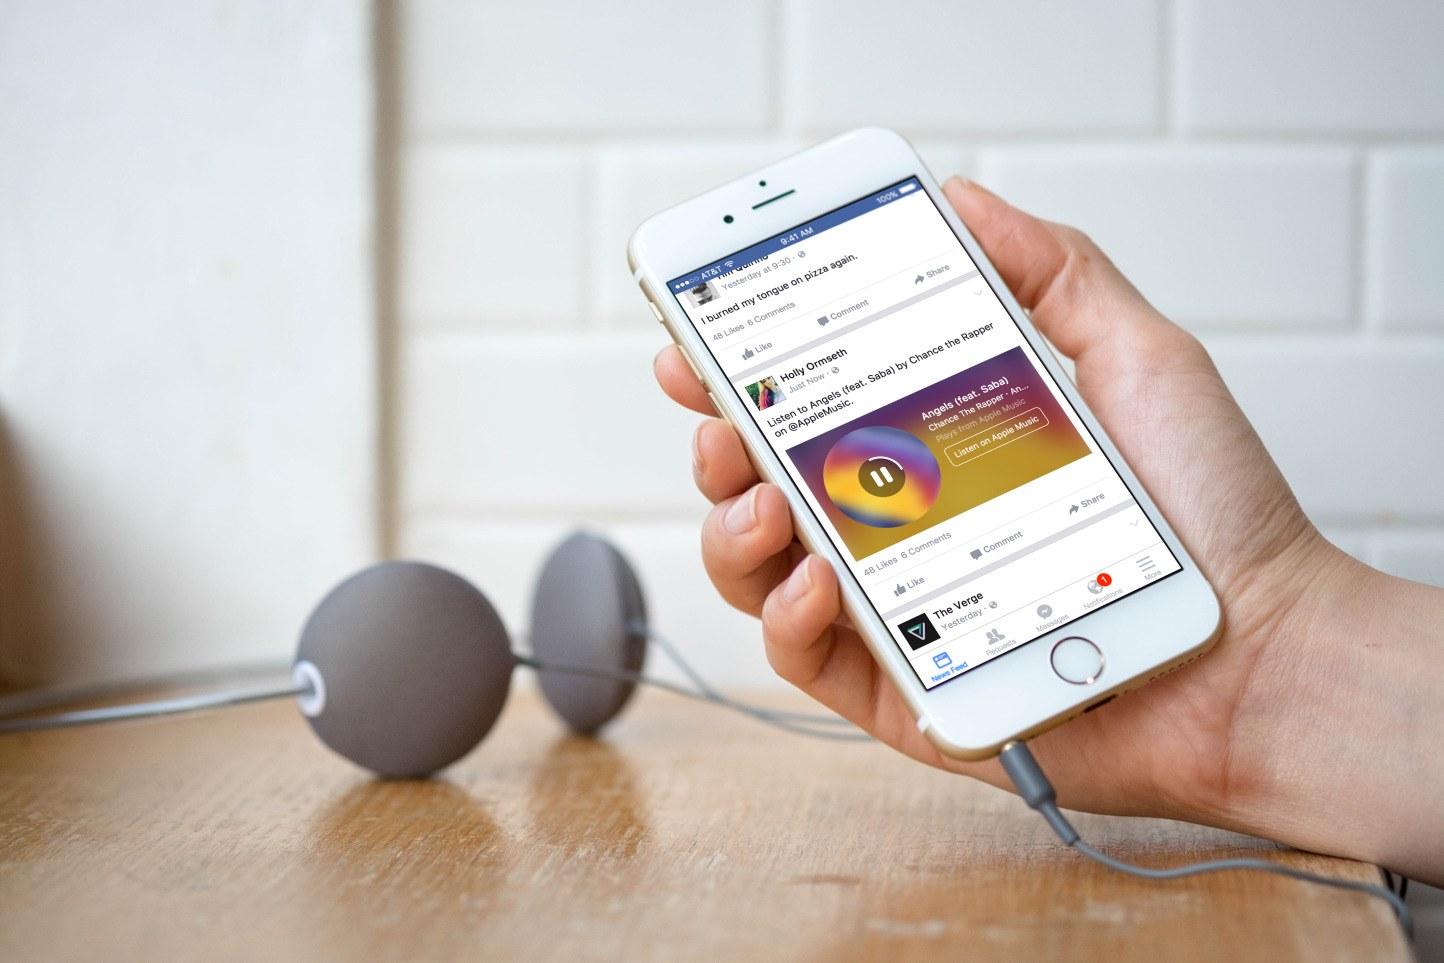 Facebook artık profilinize ve hikayenize müzik eklemenize izin veriyor